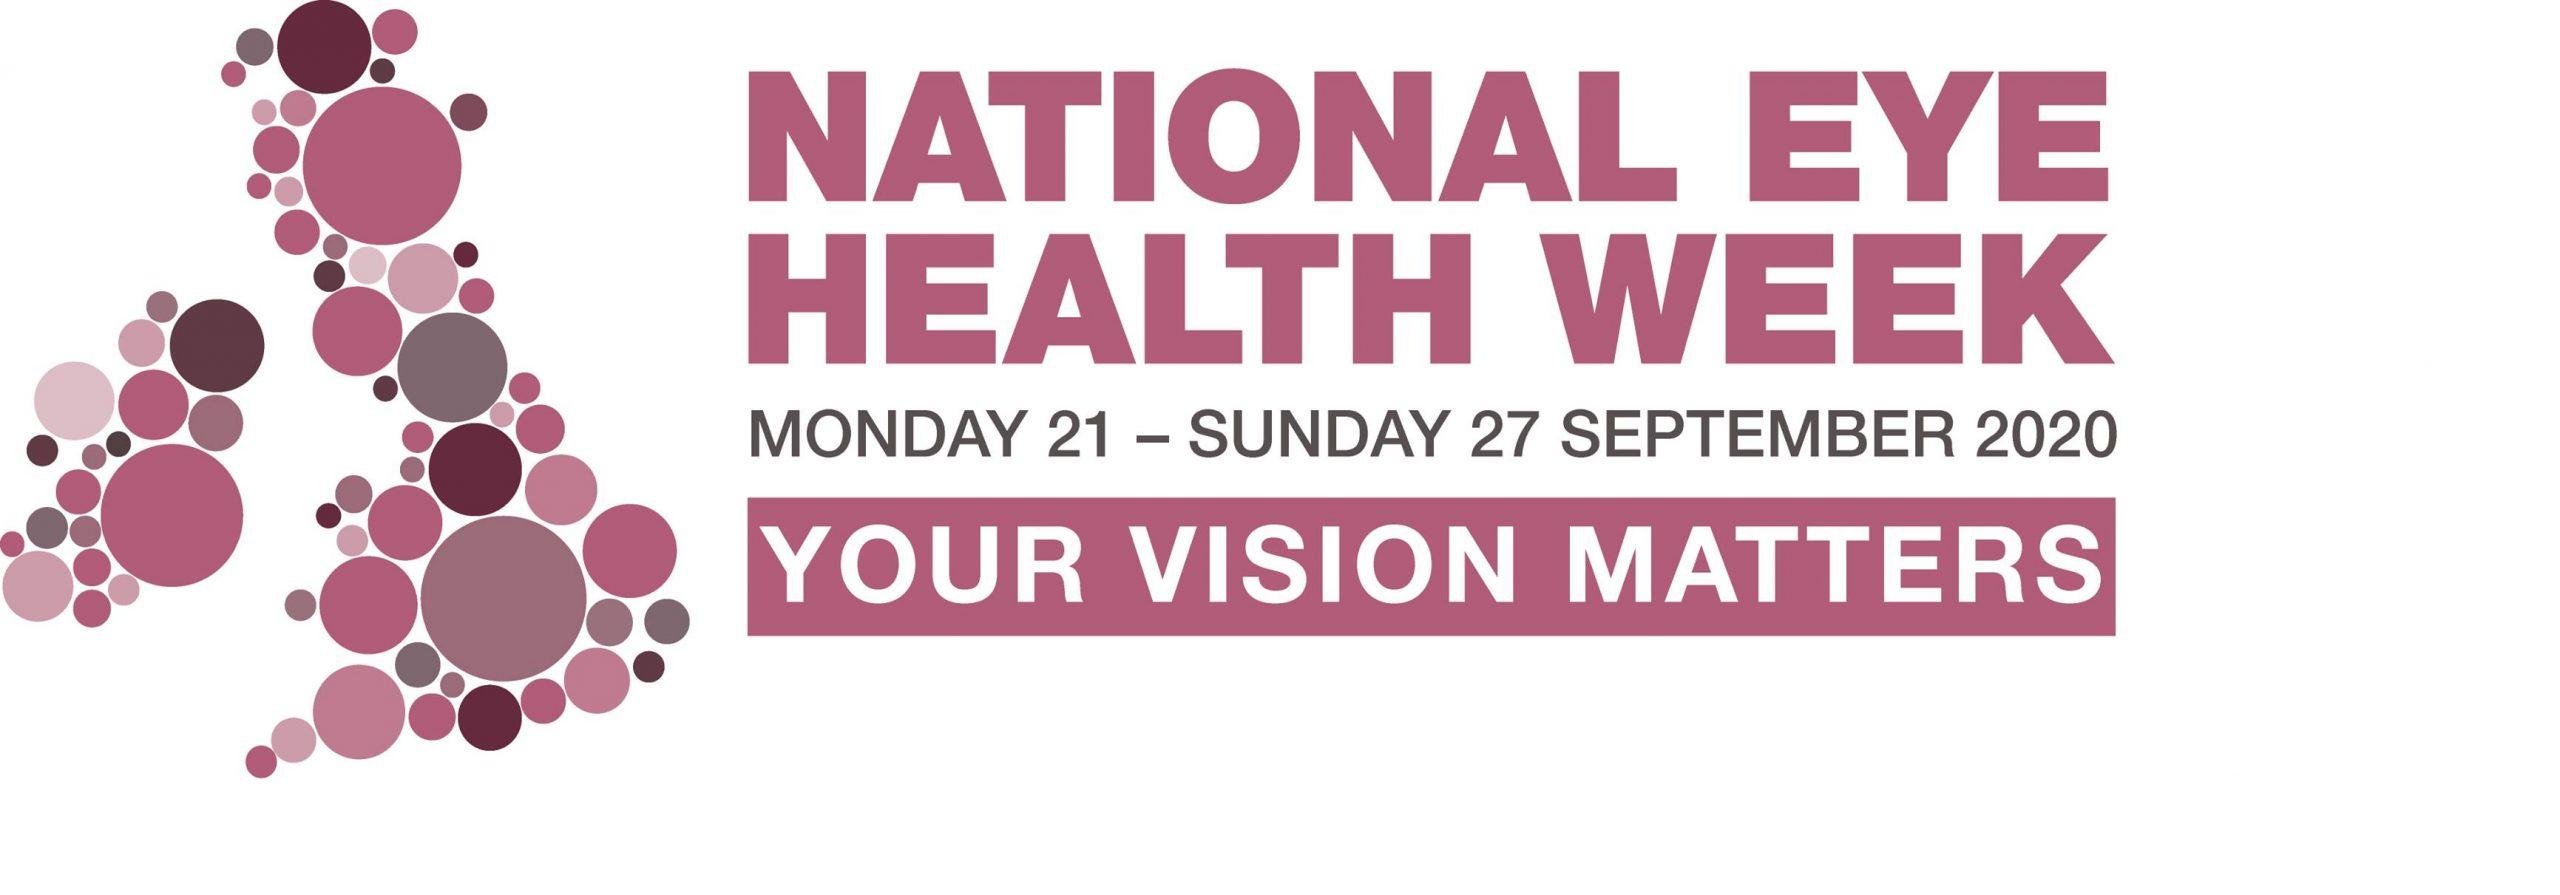 National Eye Health Week 2020 logo